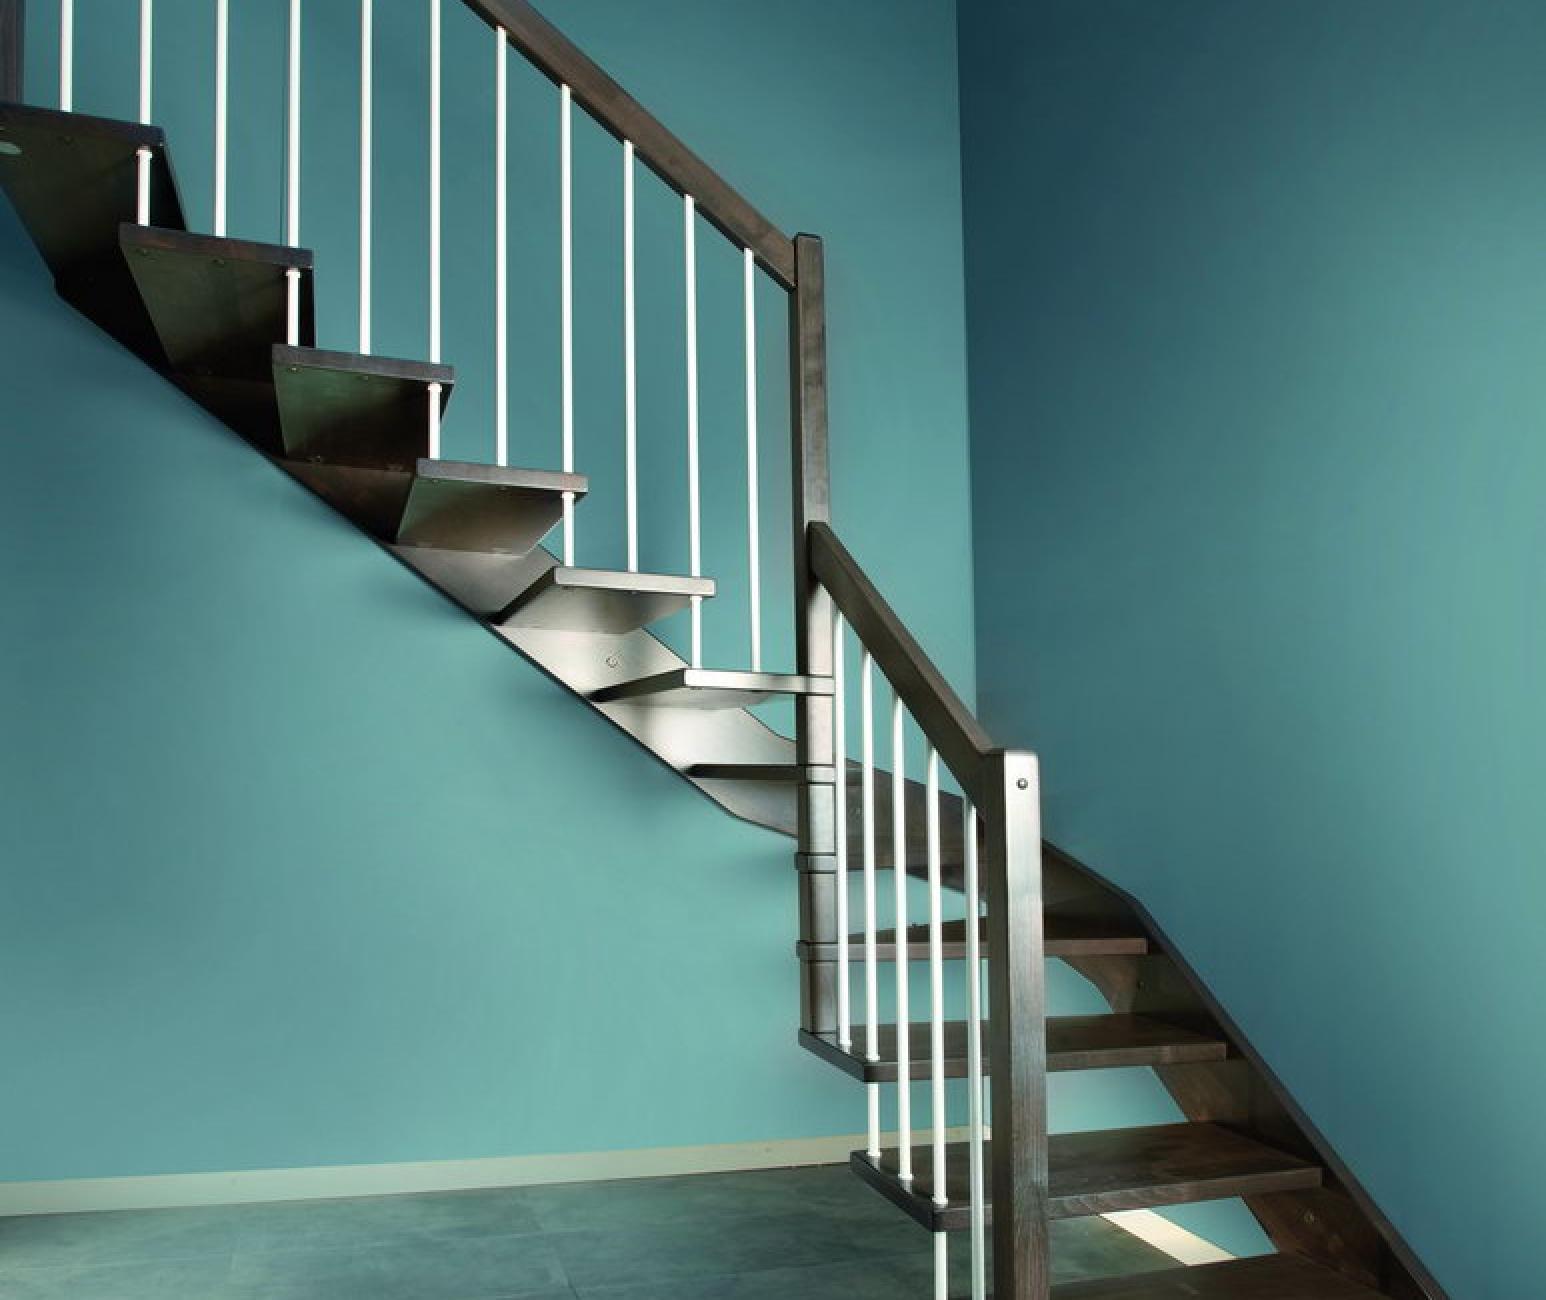 Escaleras de interior flo la nueva colecci n asequible de - Escaleras para bibliotecas ...